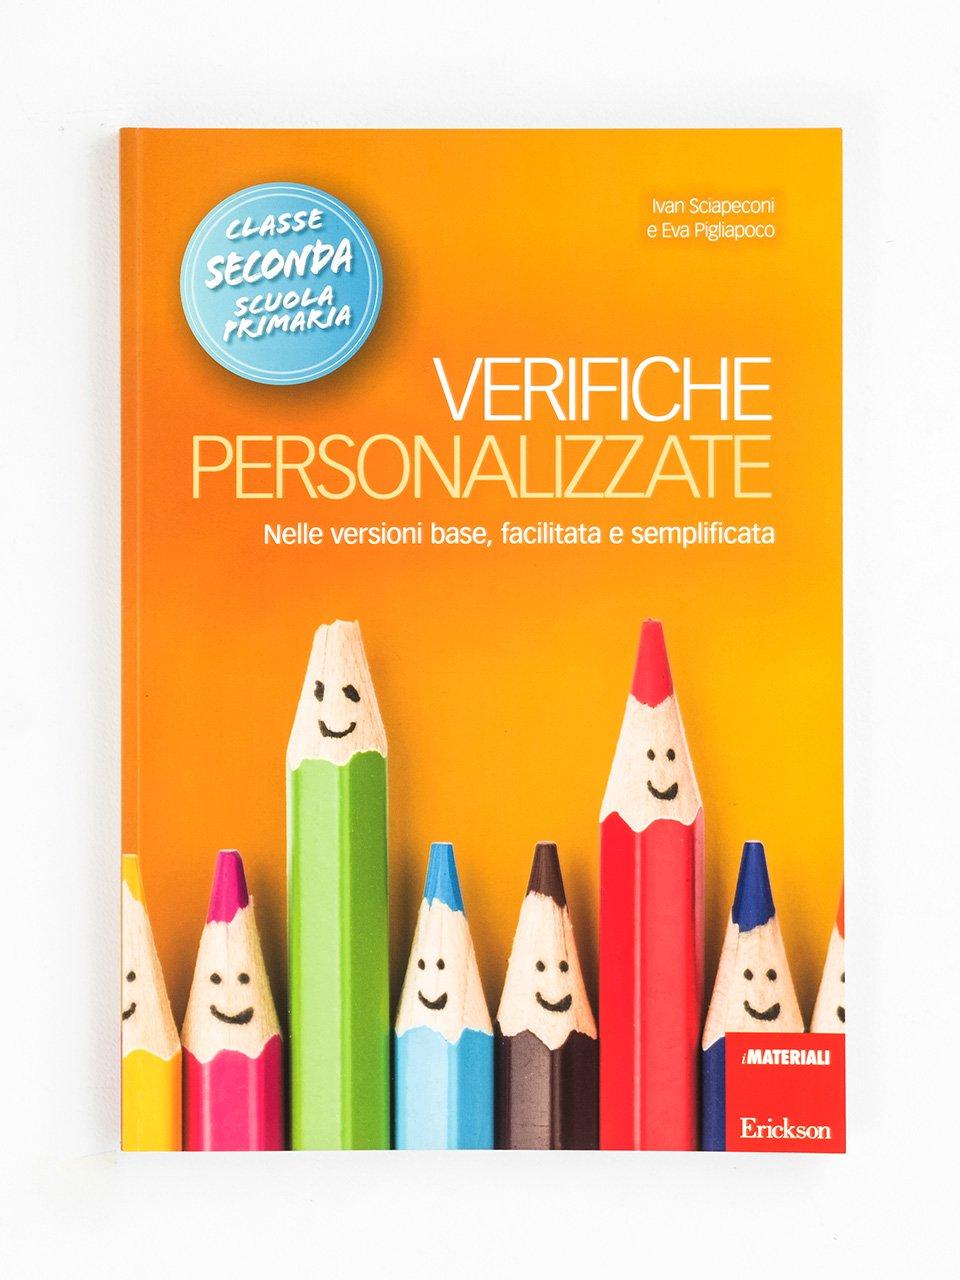 Verifiche personalizzate - Classe seconda - La valutazione inclusiva - Formazione - Erickson